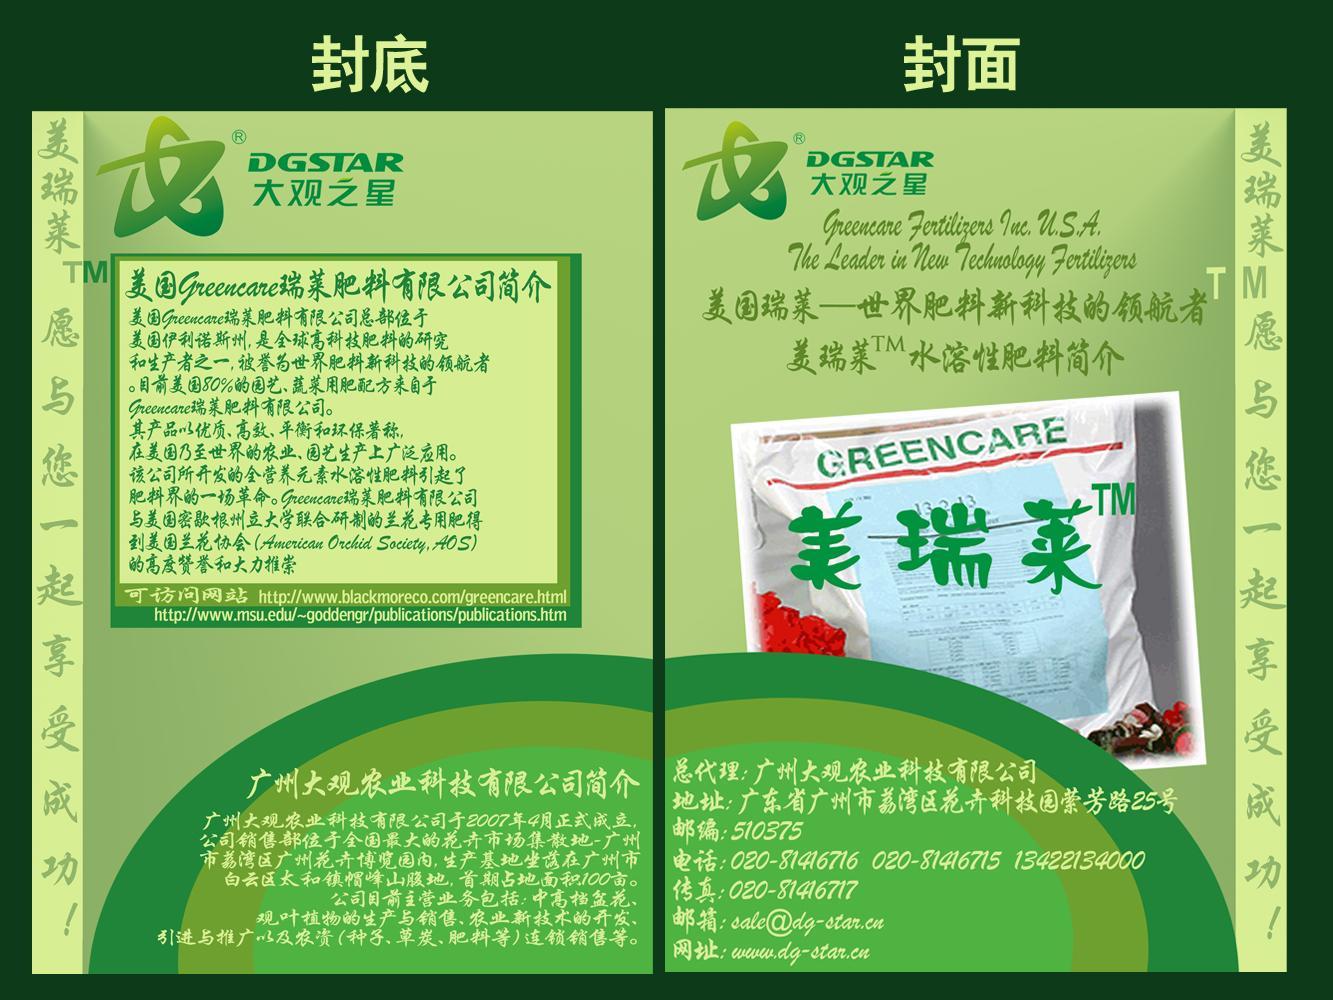 肥料宣传册排版设计3天